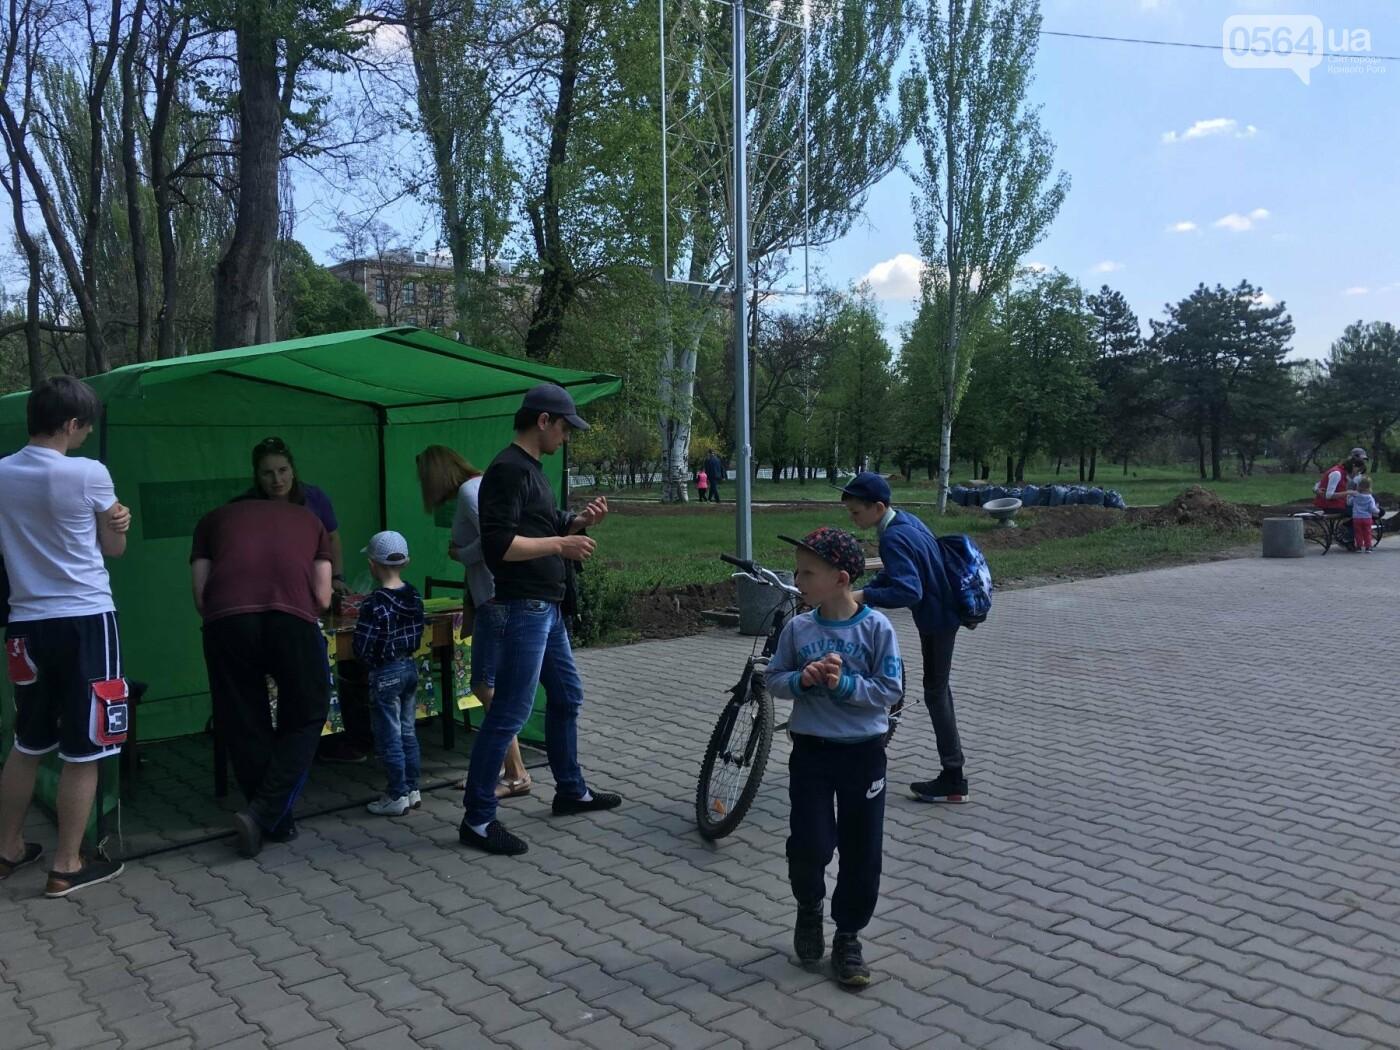 """""""В Европу без мусора!"""": криворожане помогли подготовить парк к Еврофесту (ФОТО), фото-65"""